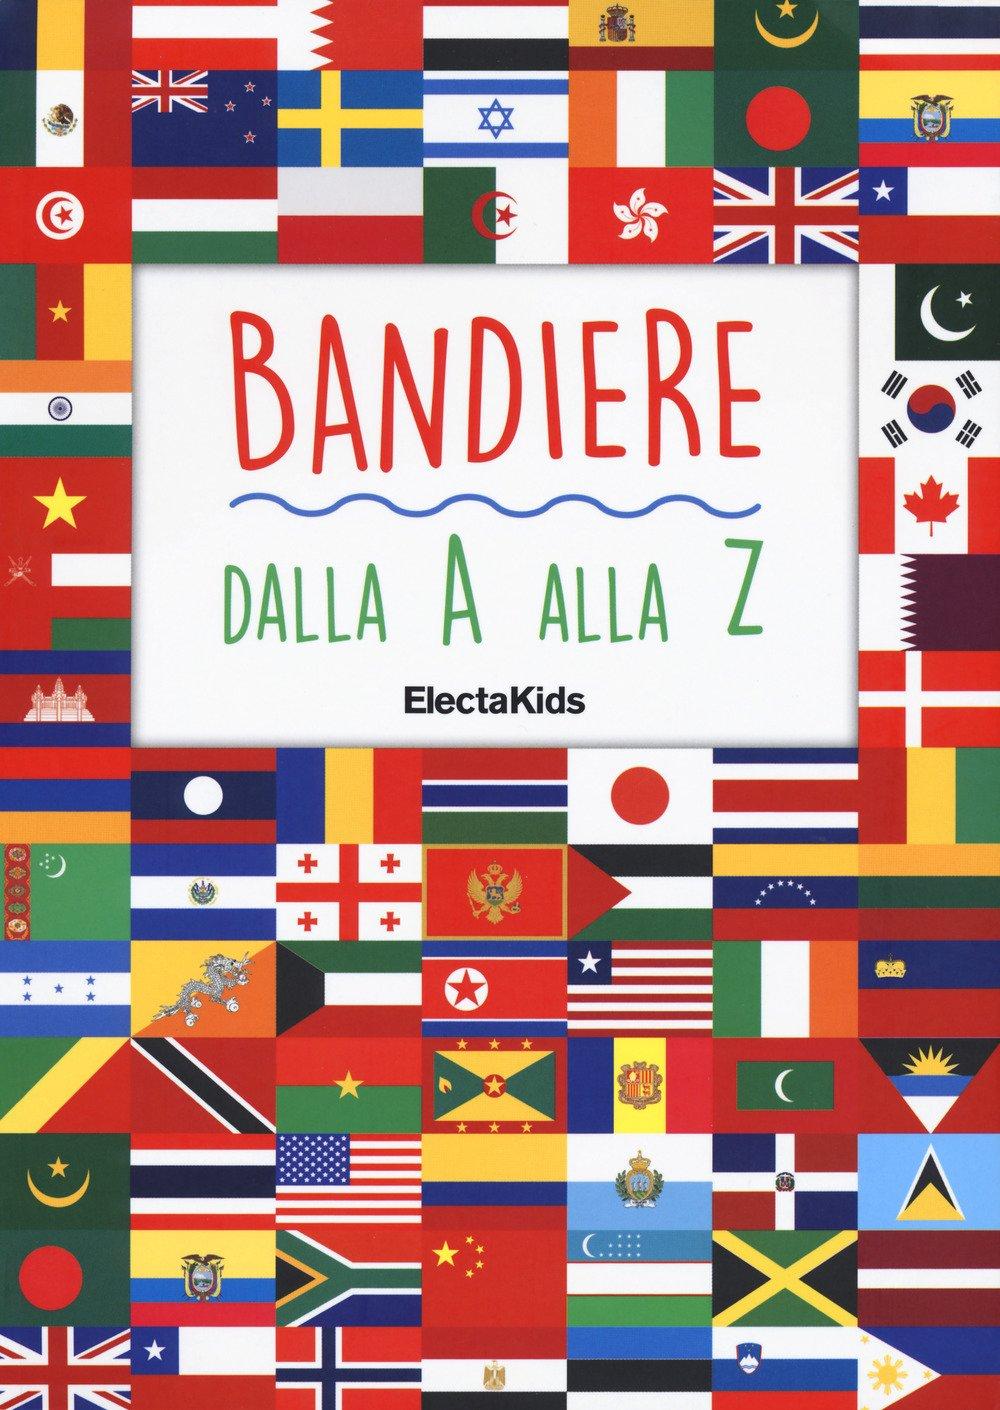 bandiere-dalla-a-alla-z